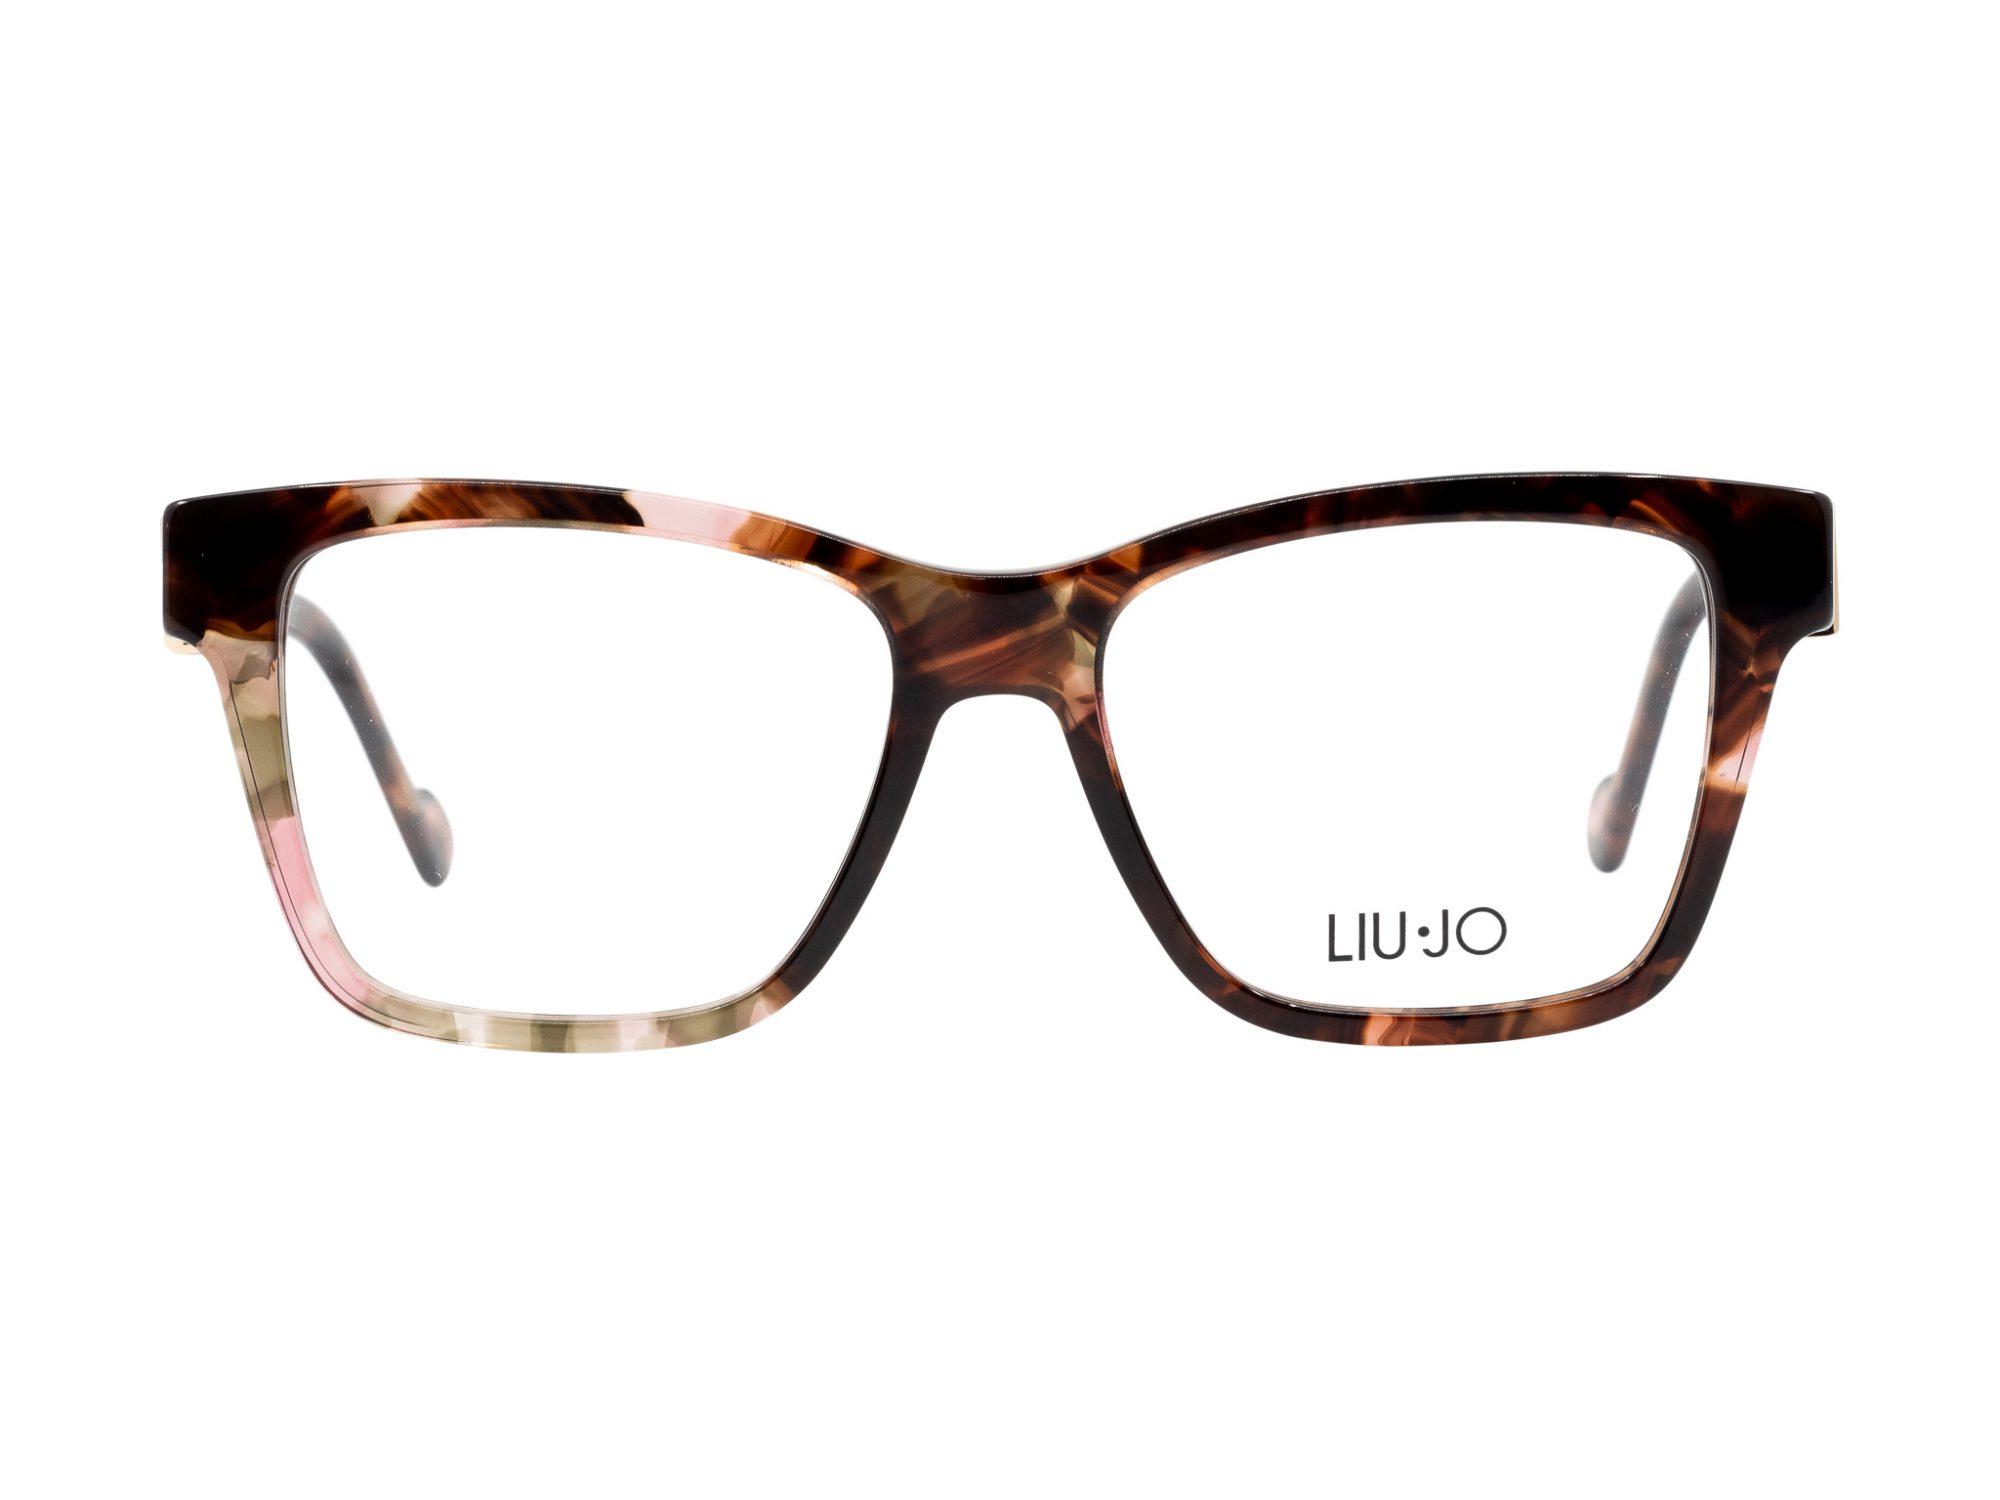 LiuJo LJ2744 290